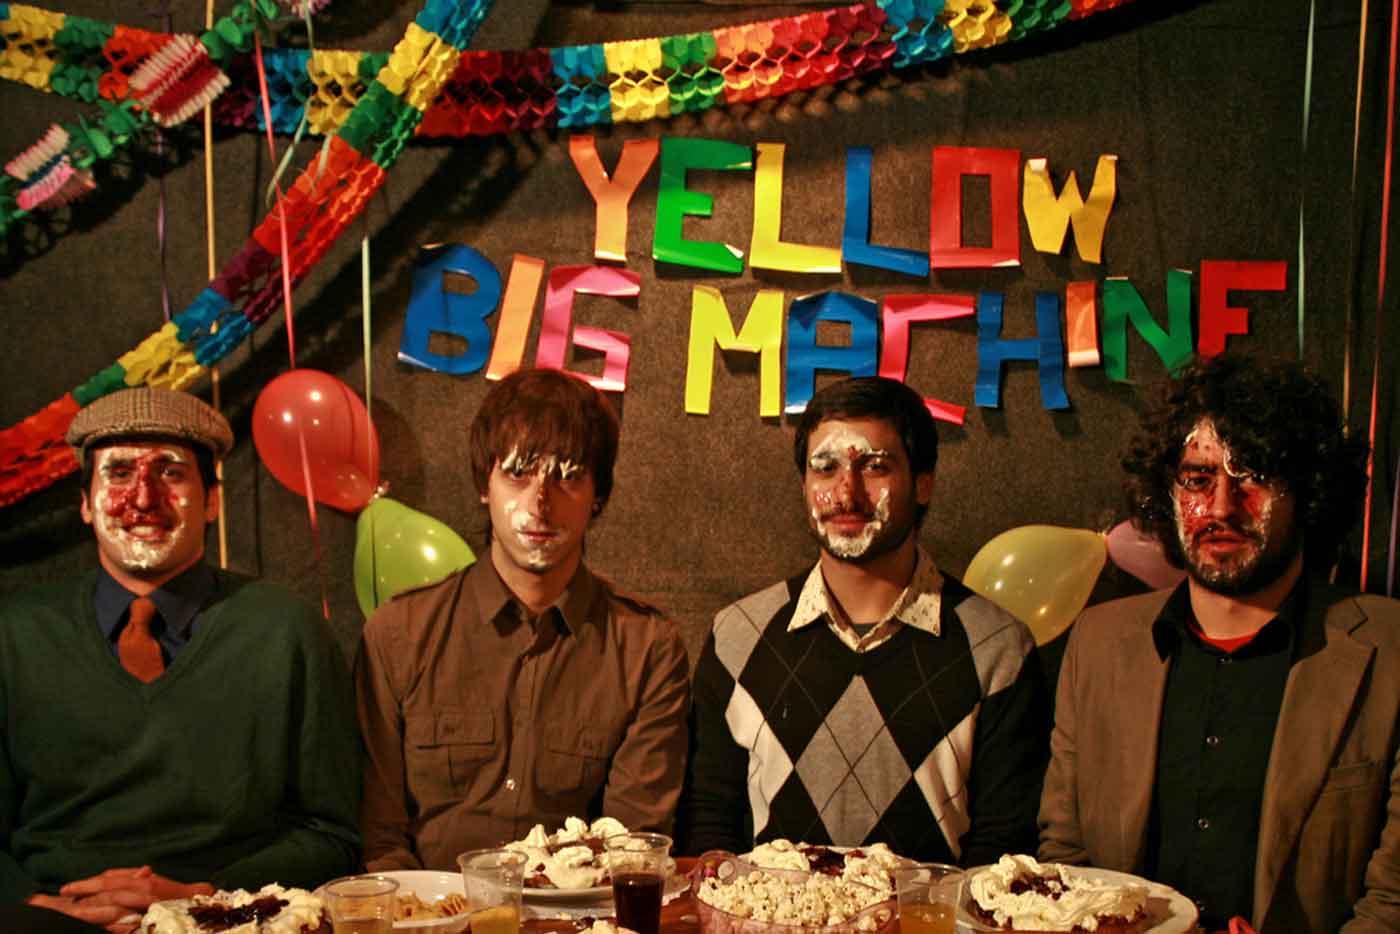 Yellow Big Machine